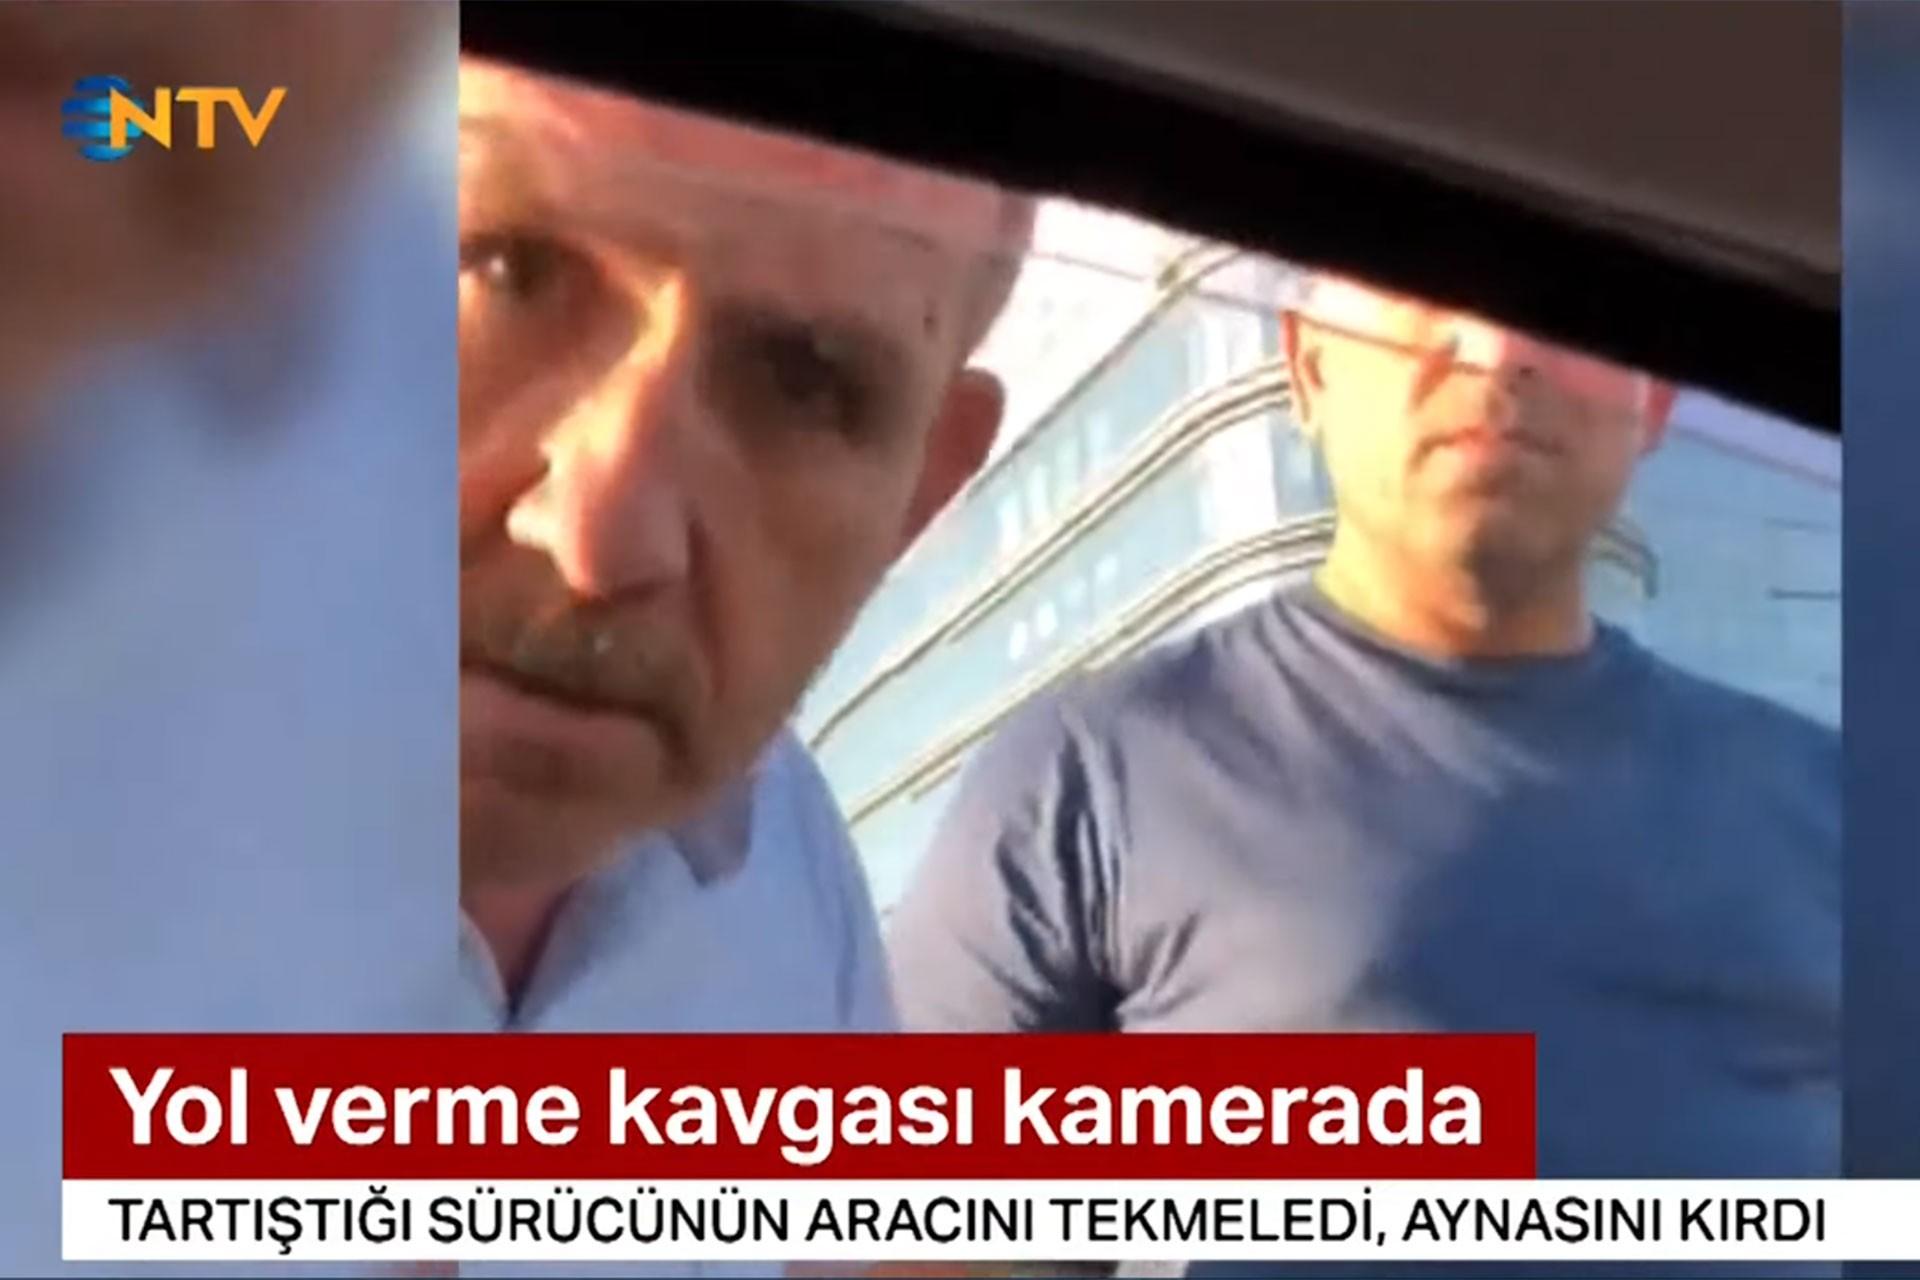 Trafik magandaları Hasan ve Hüseyin Sel ilk duruşmada tahliye edildi